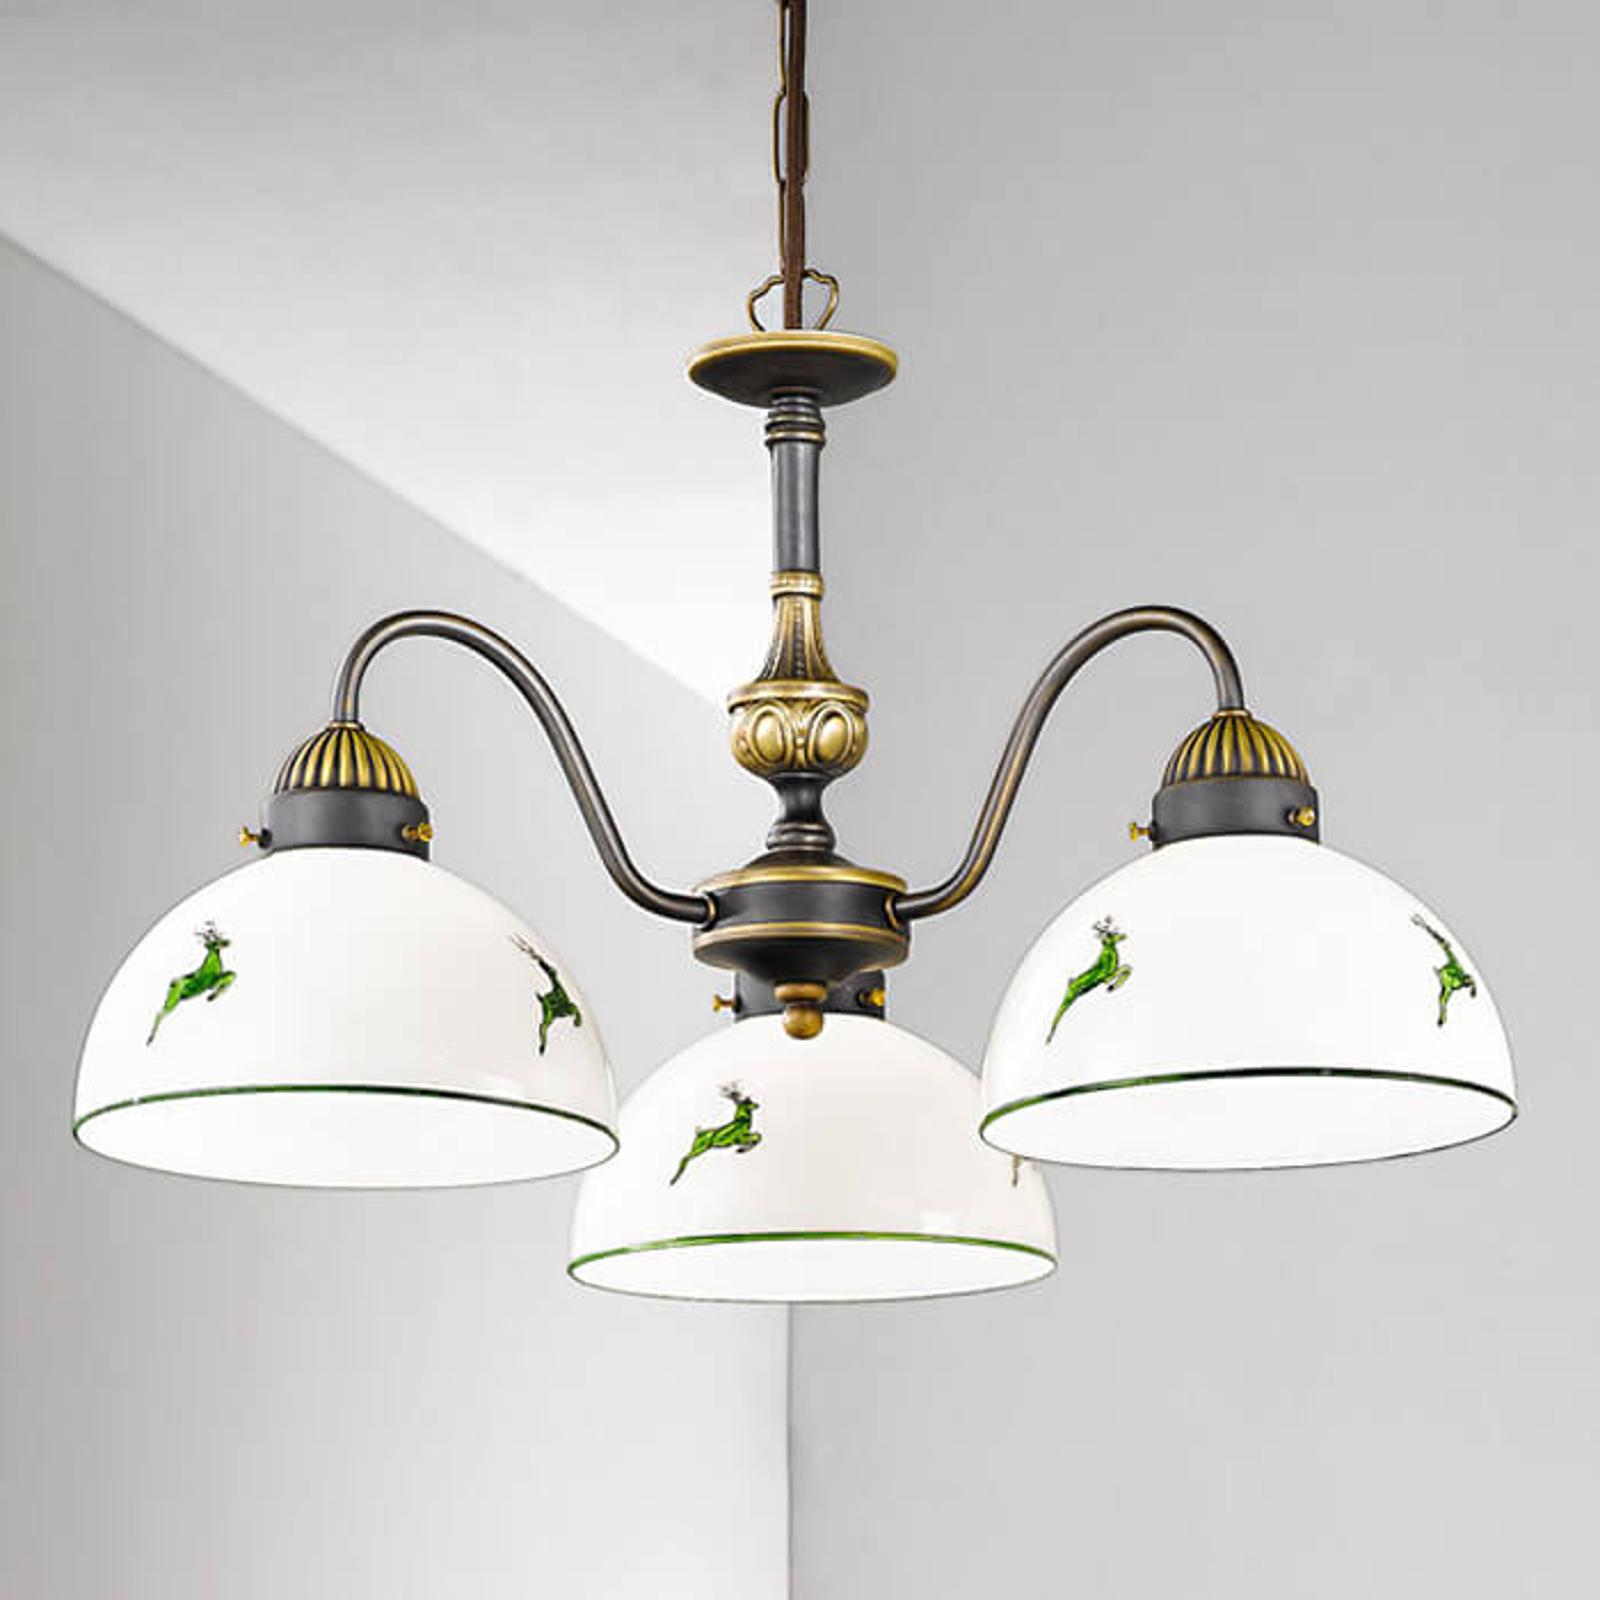 Trzypunktowa lampa wisząca Nonna biało-zielona